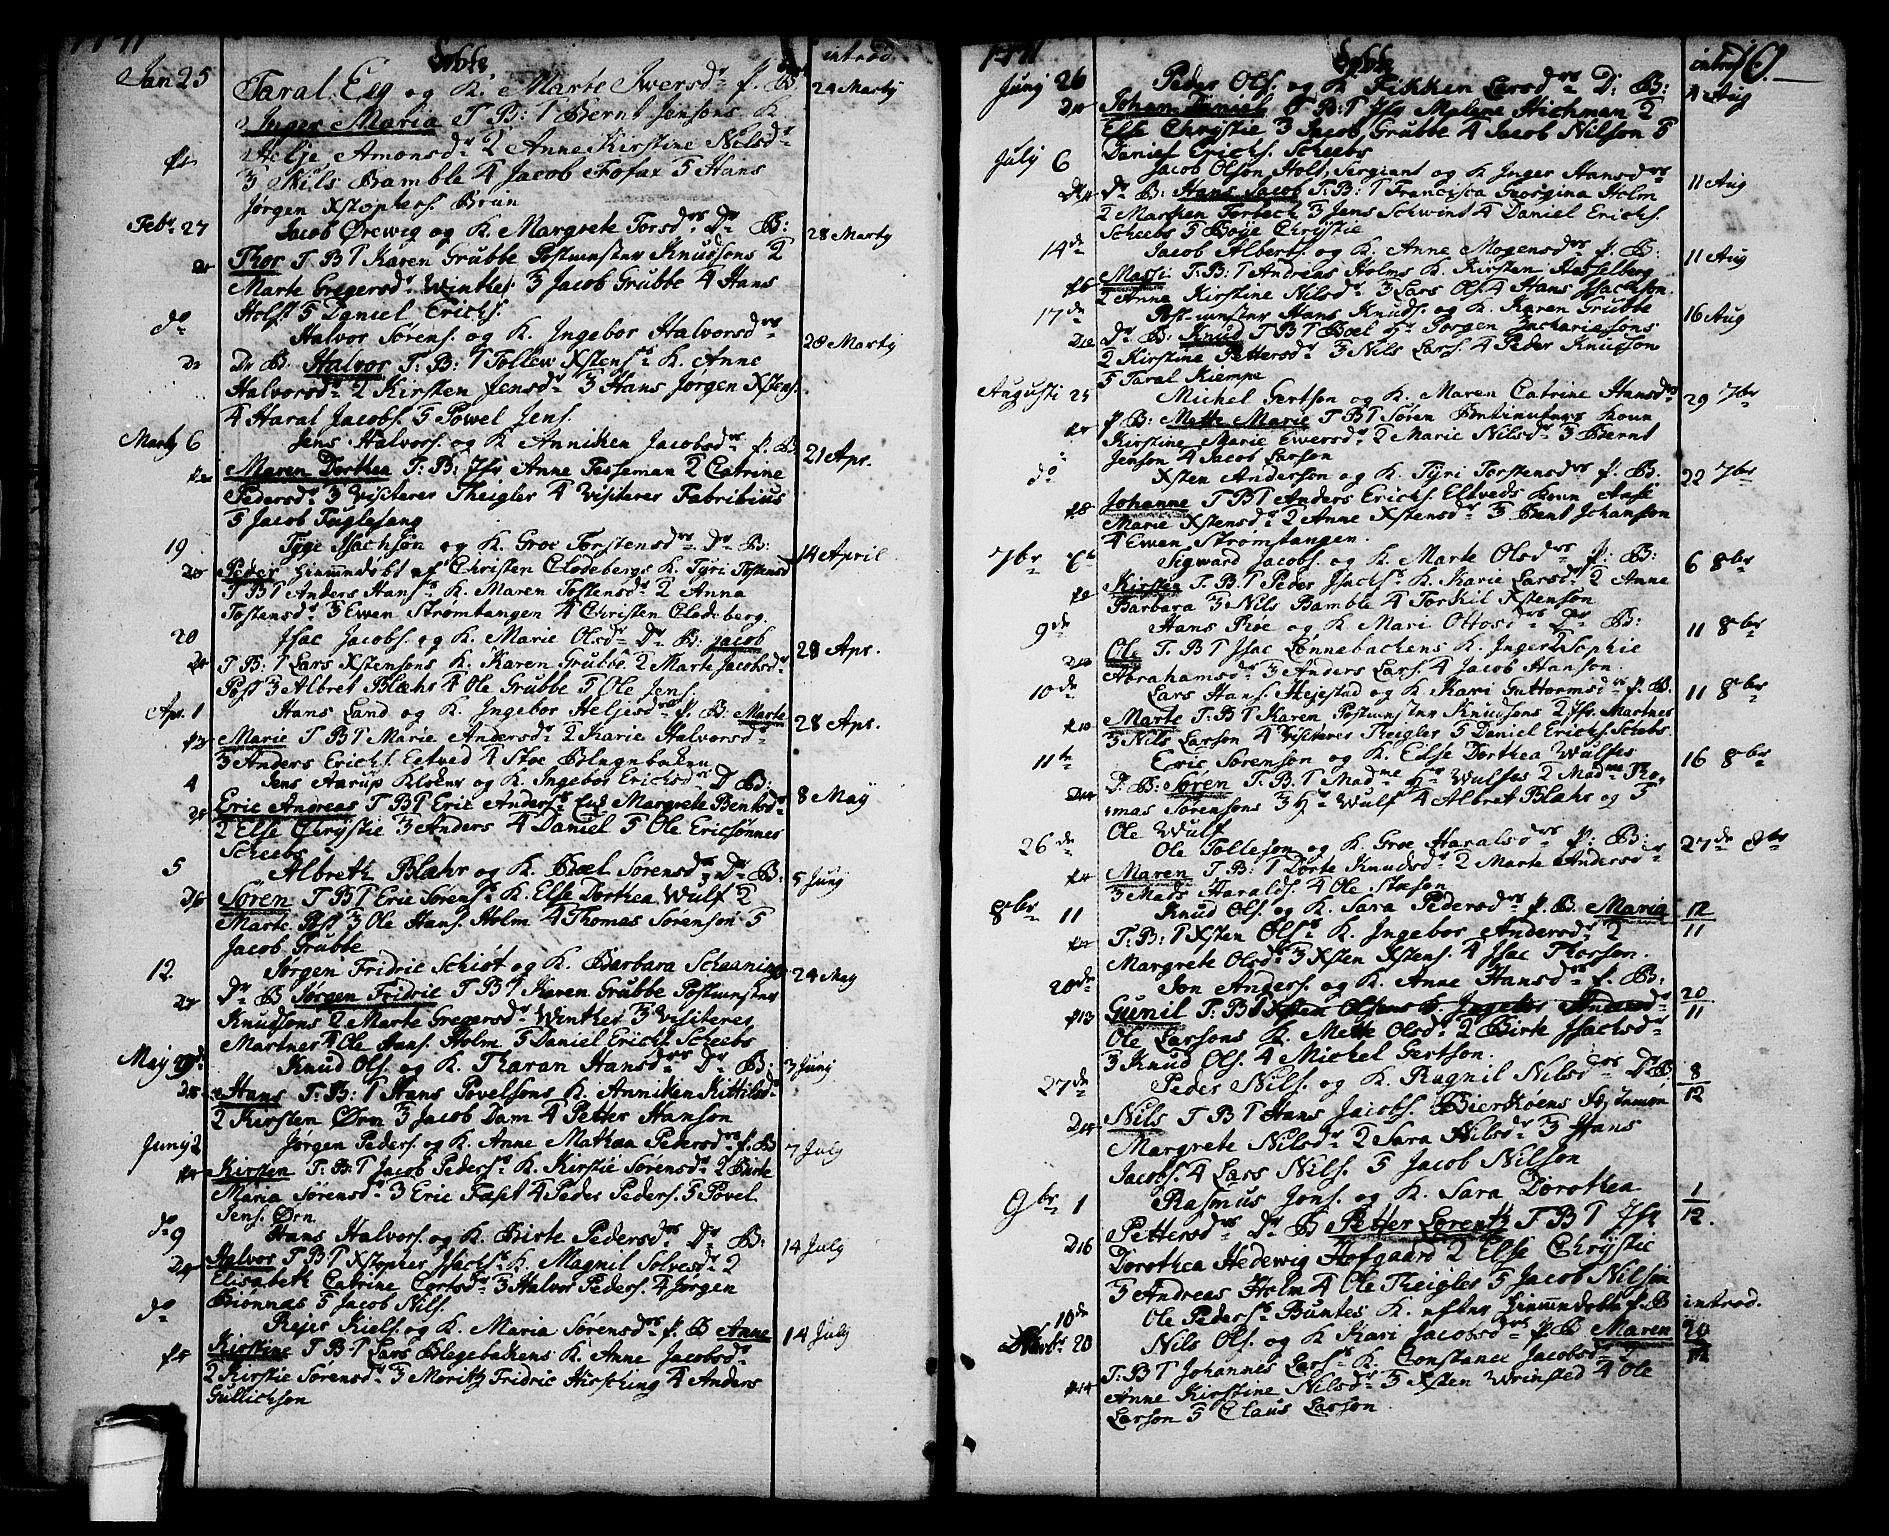 SAKO, Brevik kirkebøker, F/Fa/L0003: Ministerialbok nr. 3, 1764-1814, s. 10